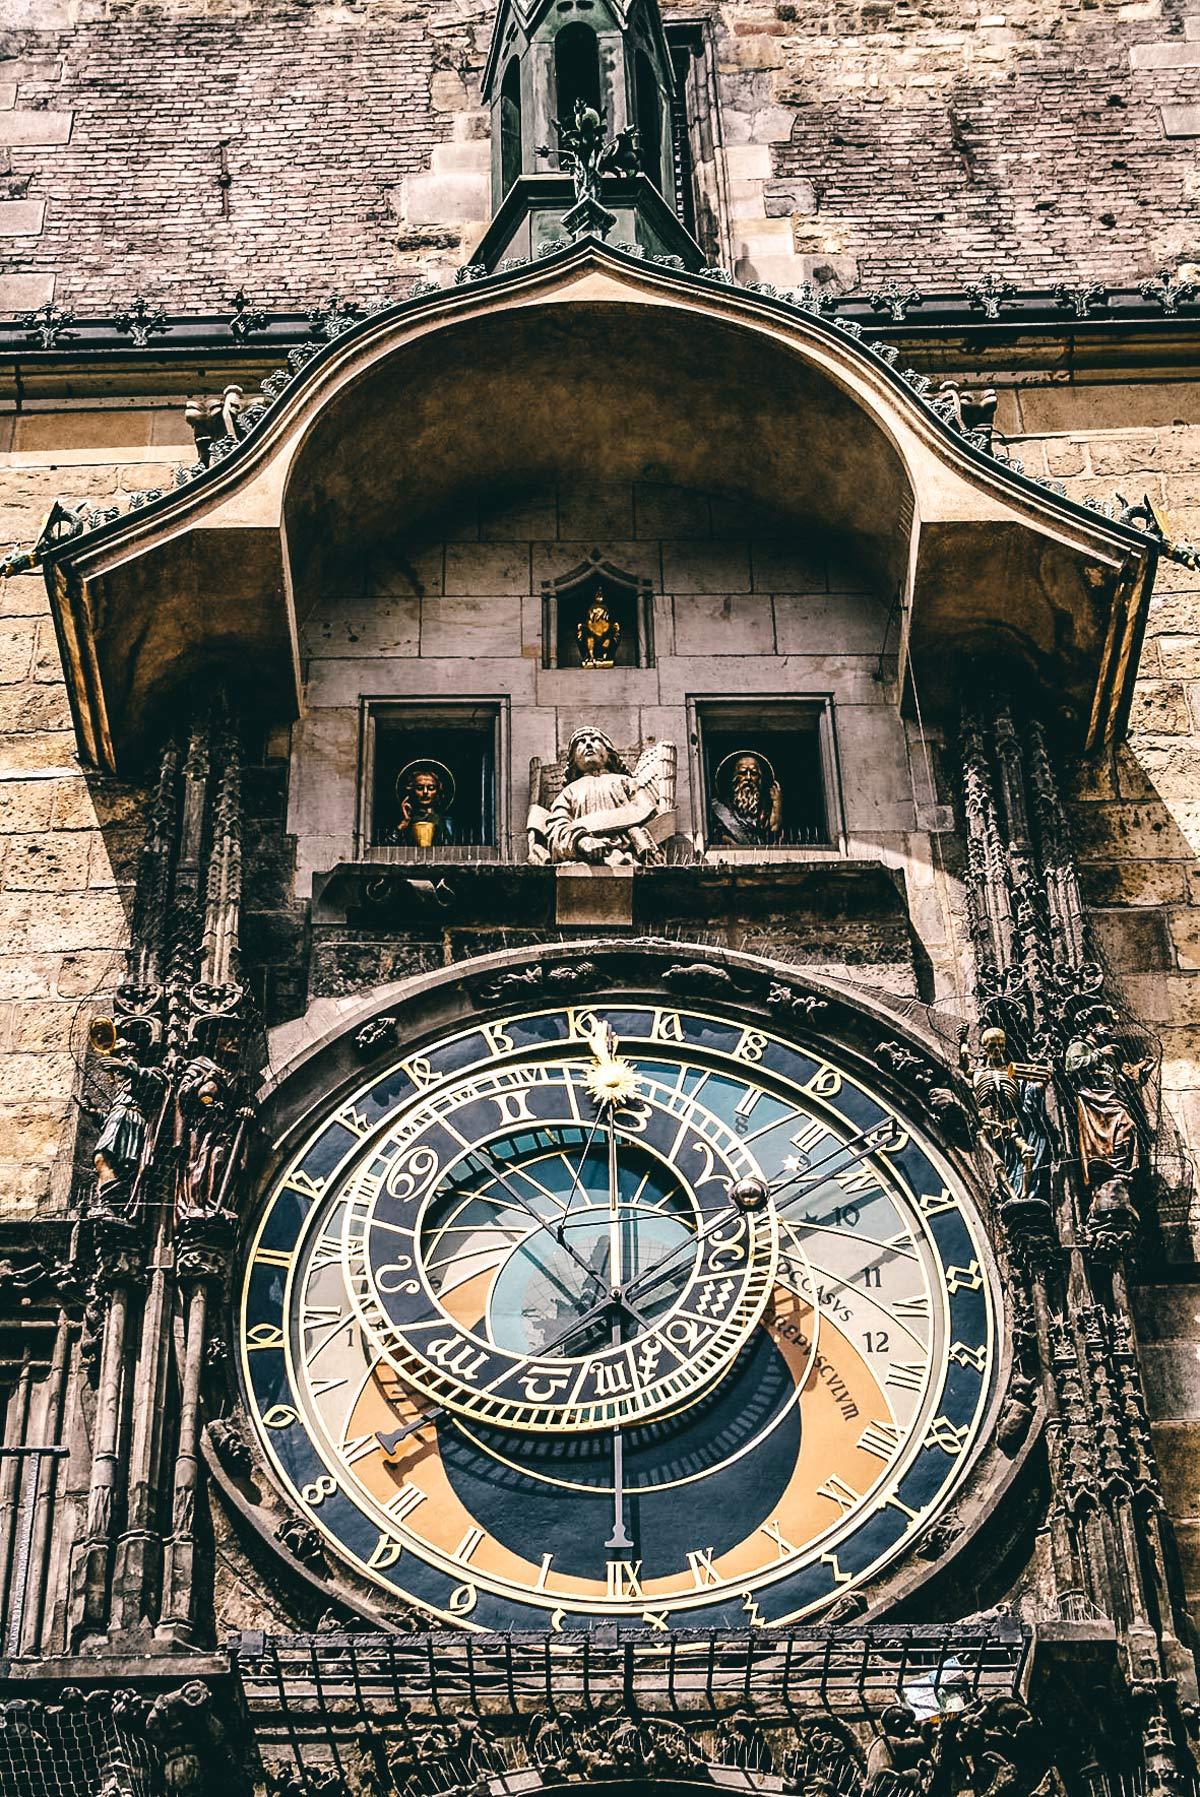 Uhr am Alten Rathaus in Prag